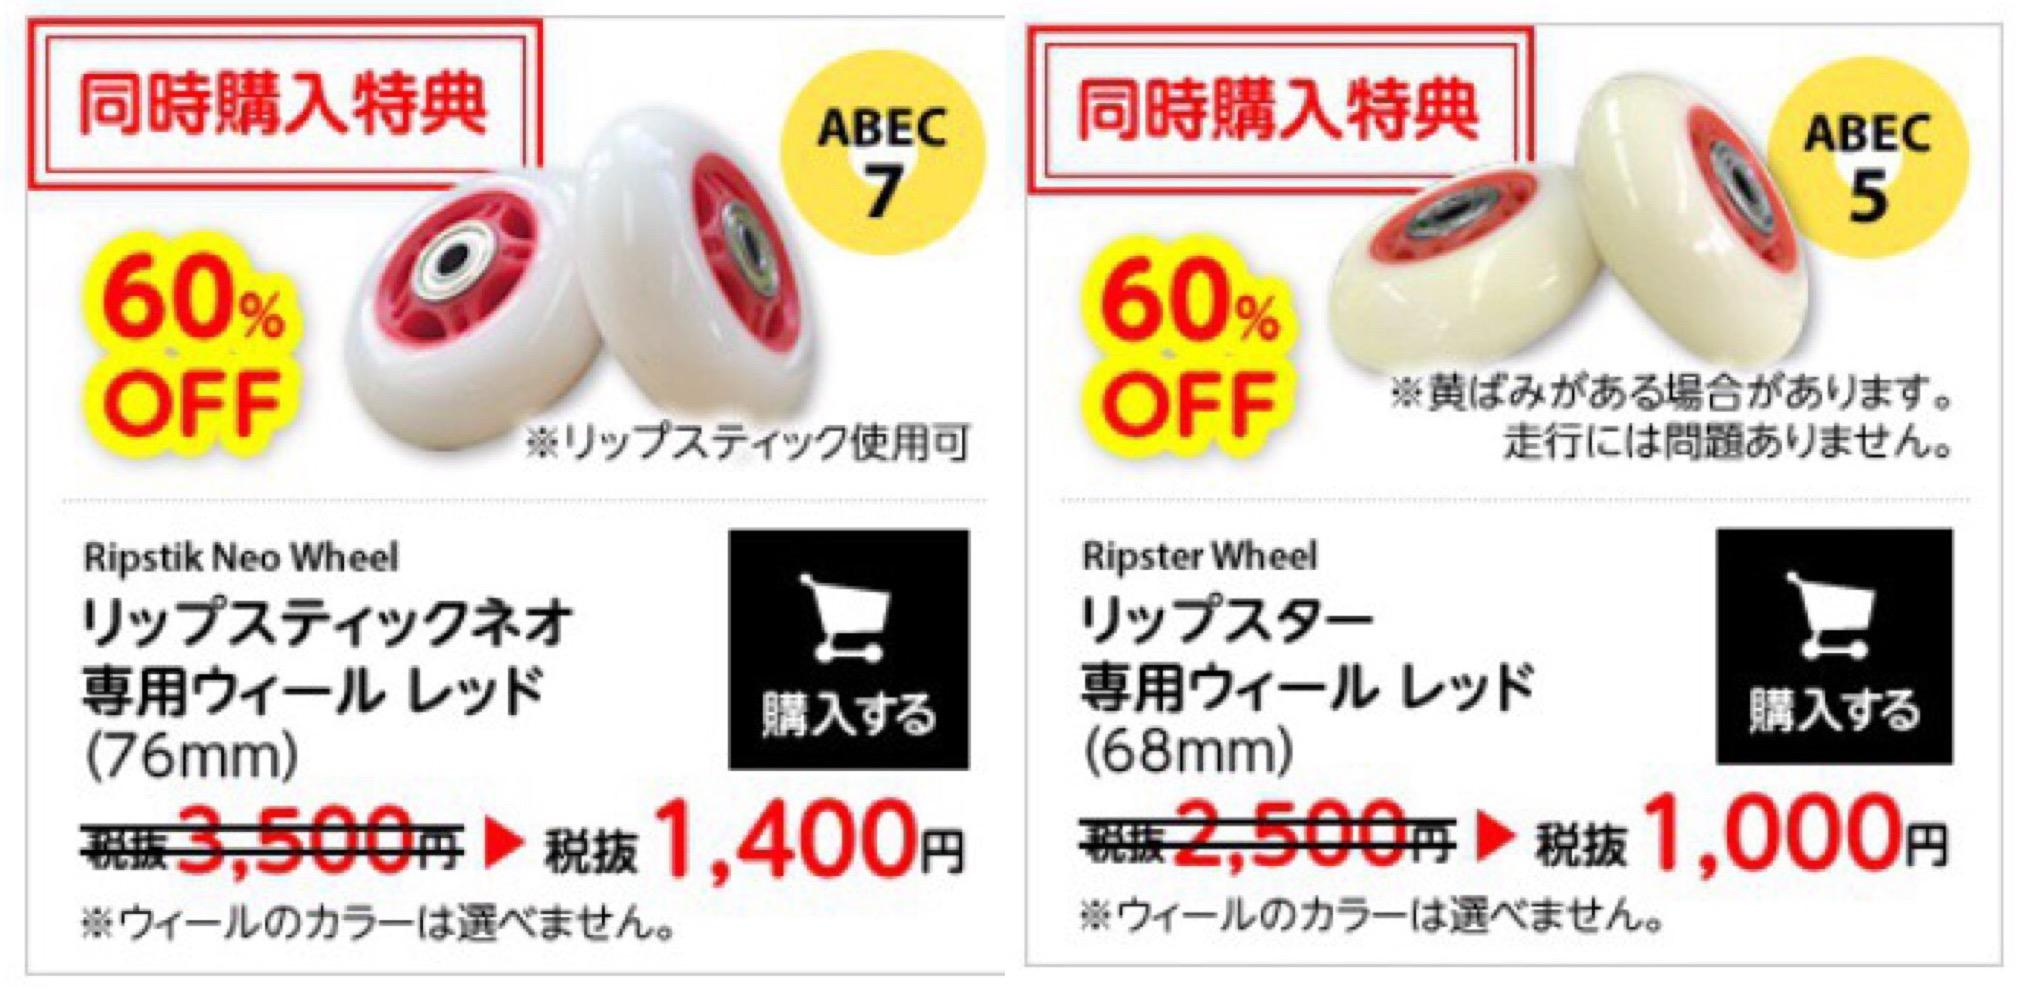 wheel sale